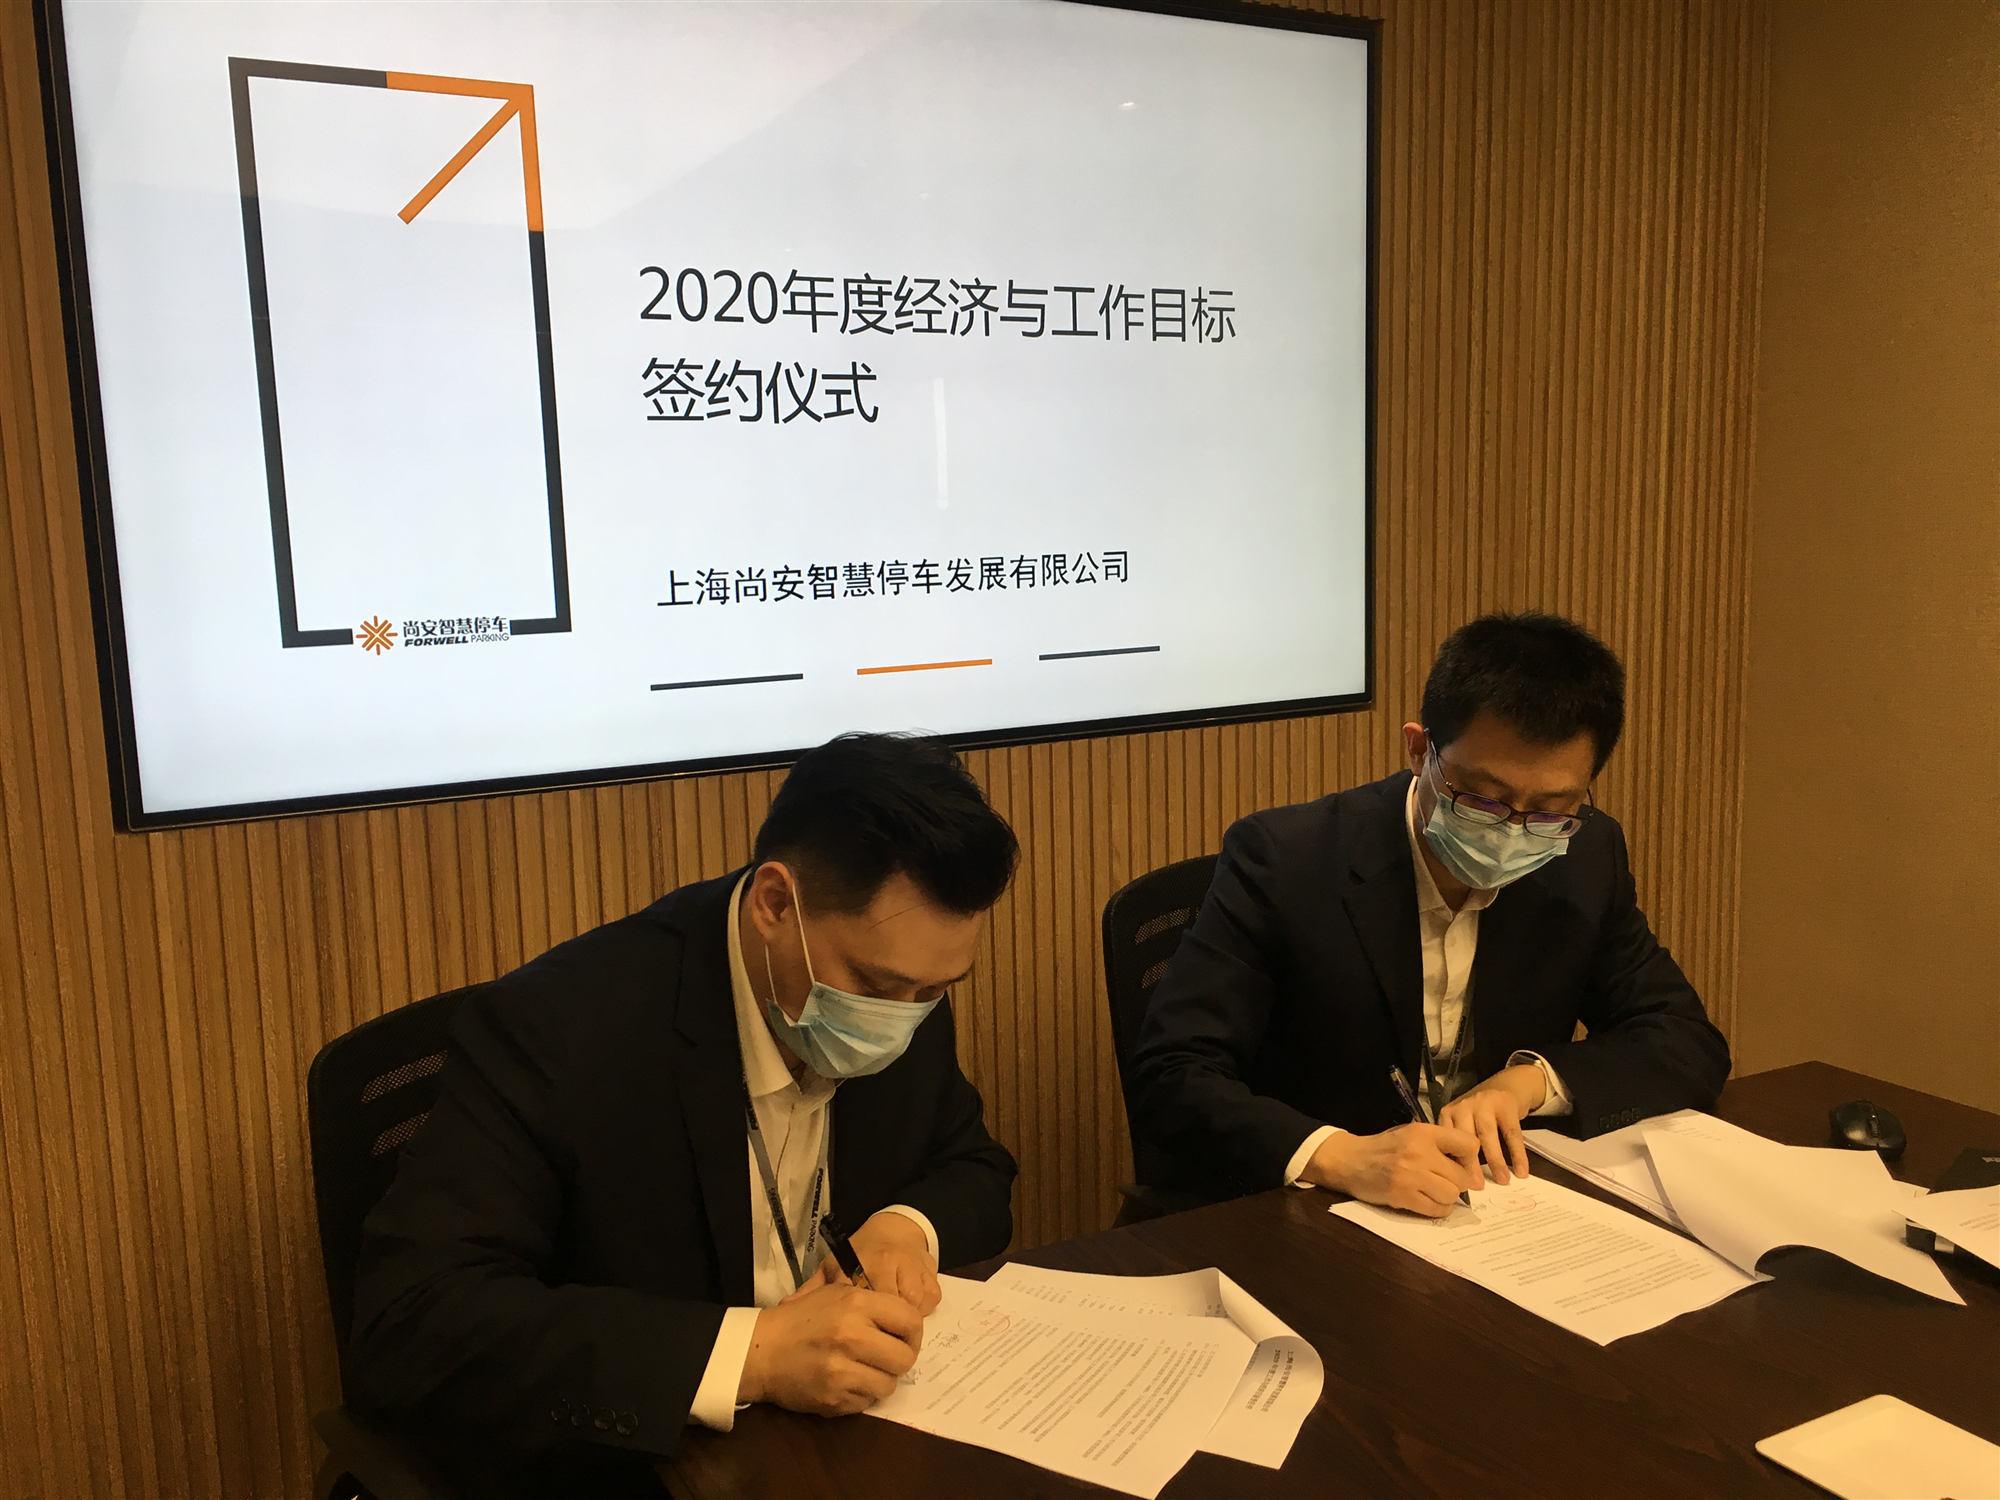 领航的风丨尚安2020年度工作会议